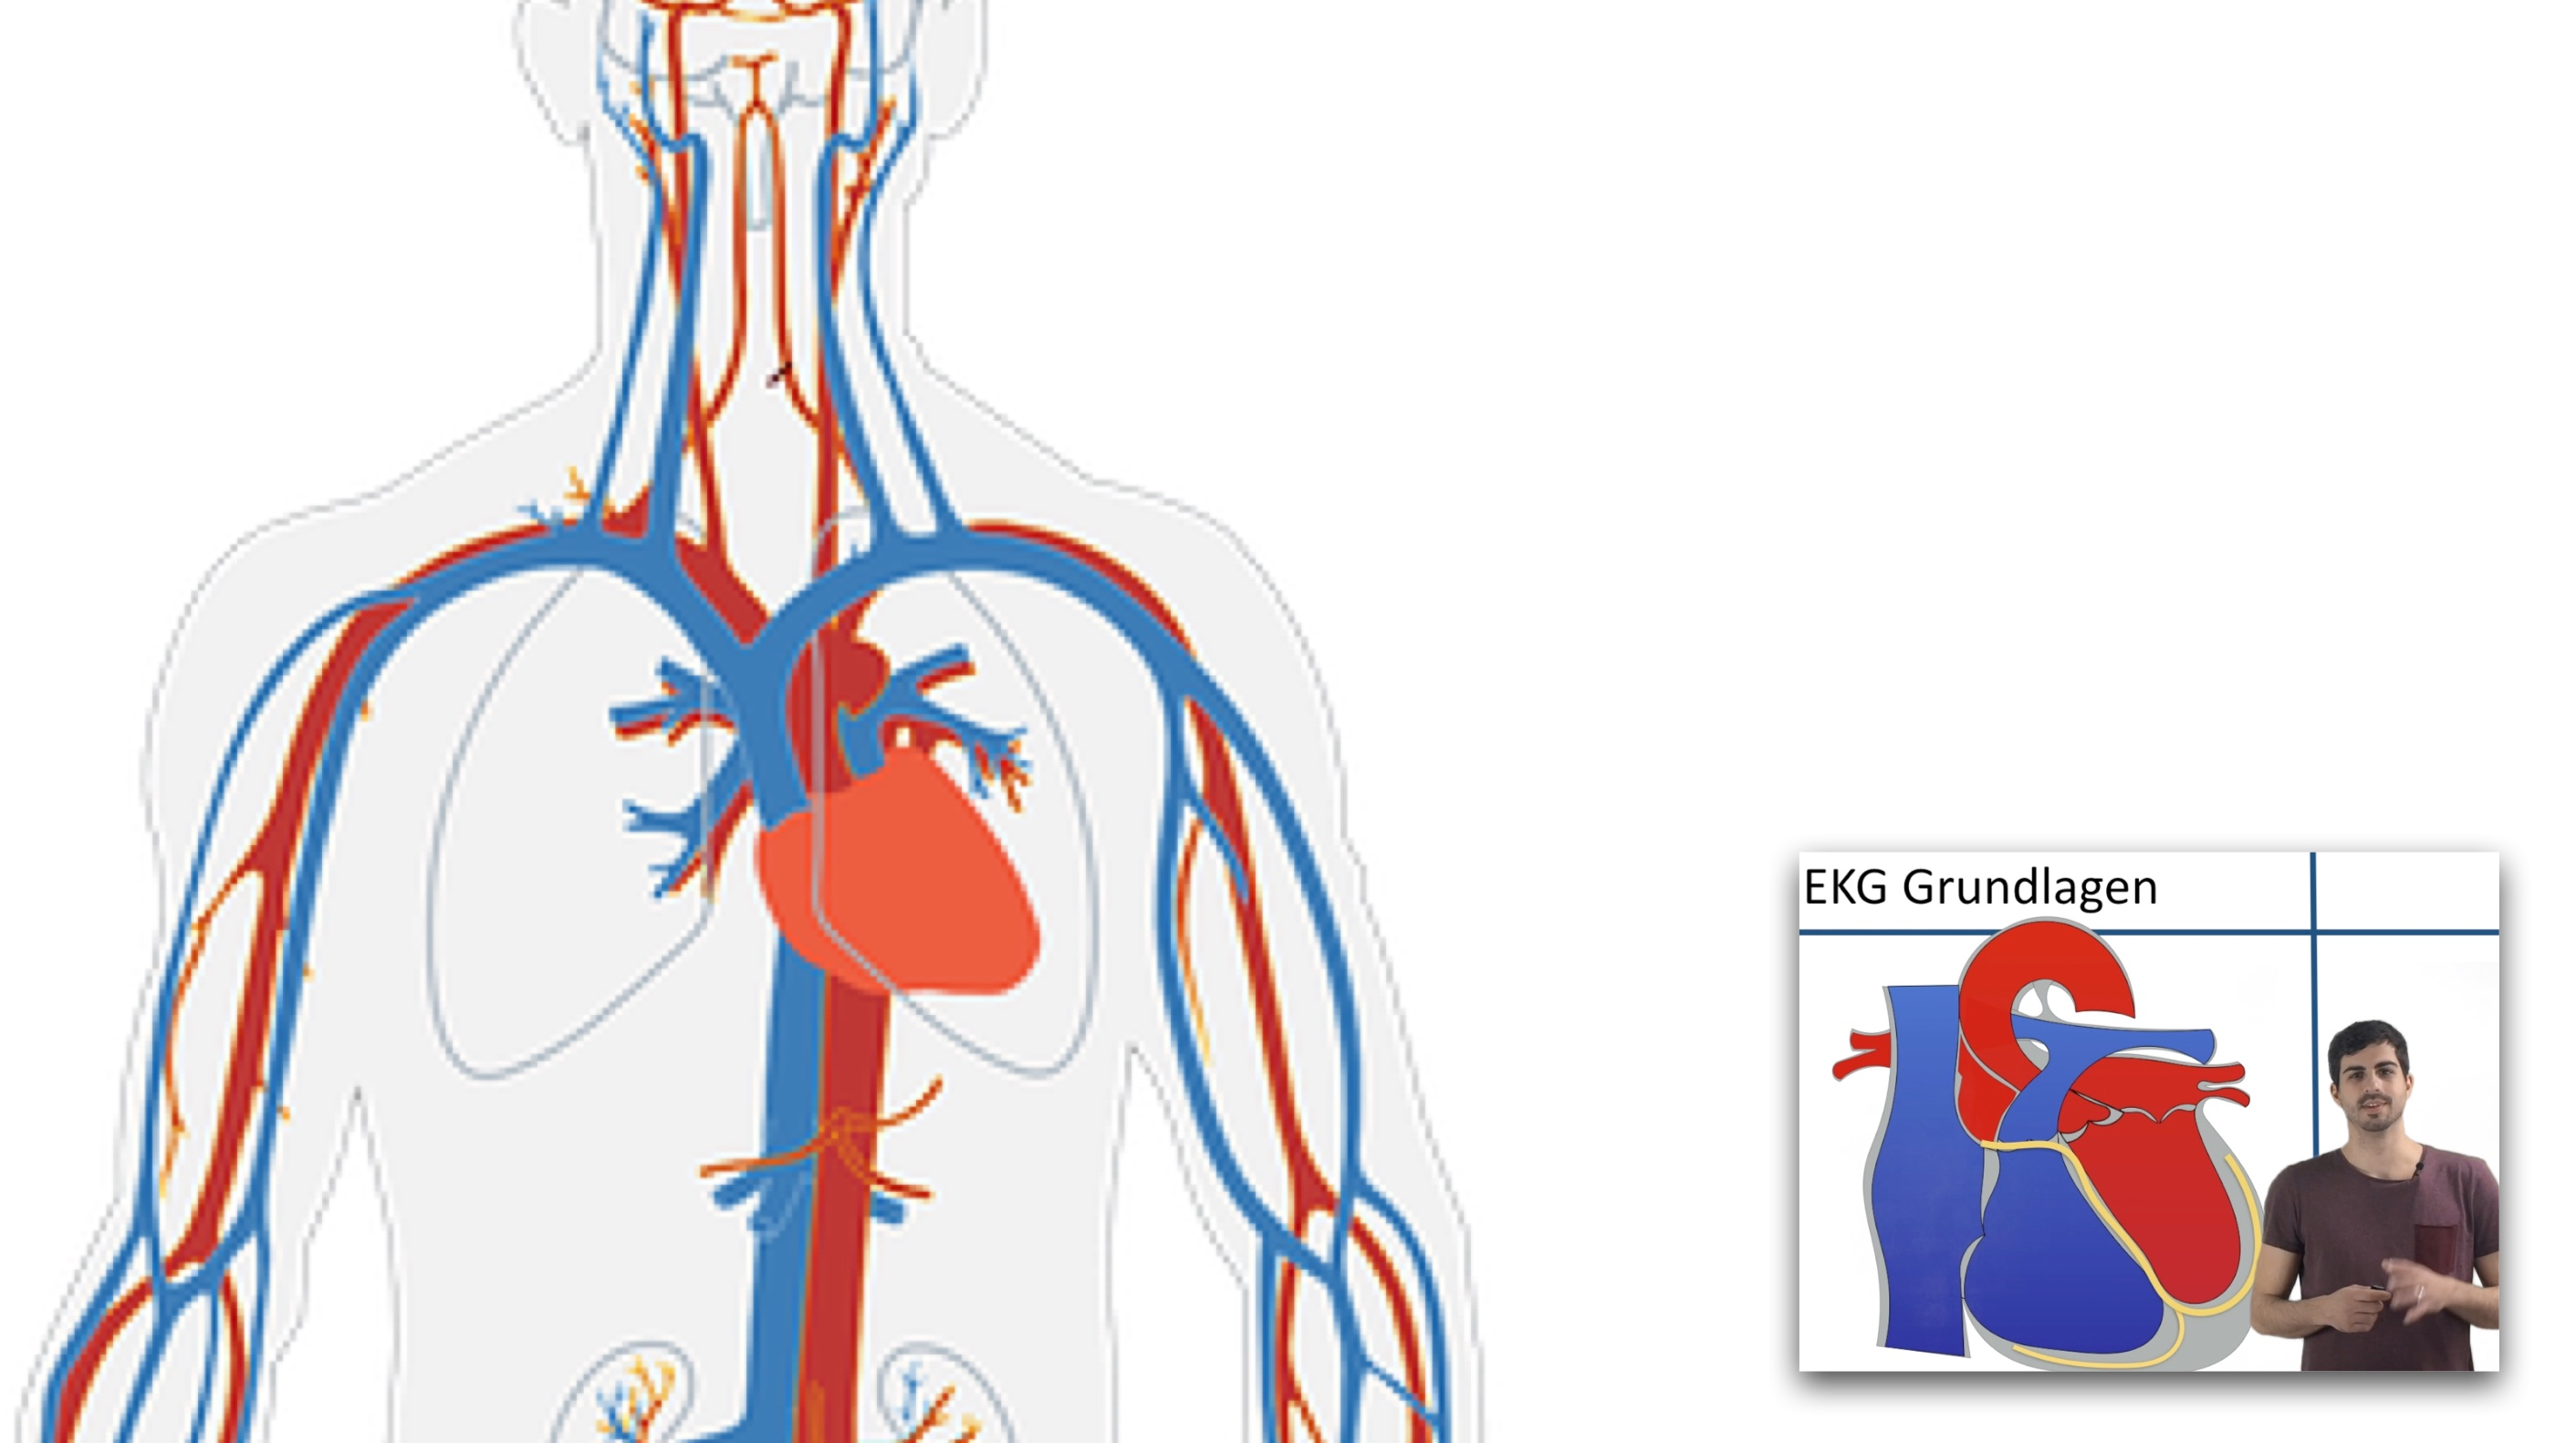 EKG - Grundlagen Teil 2 - Clipdocs